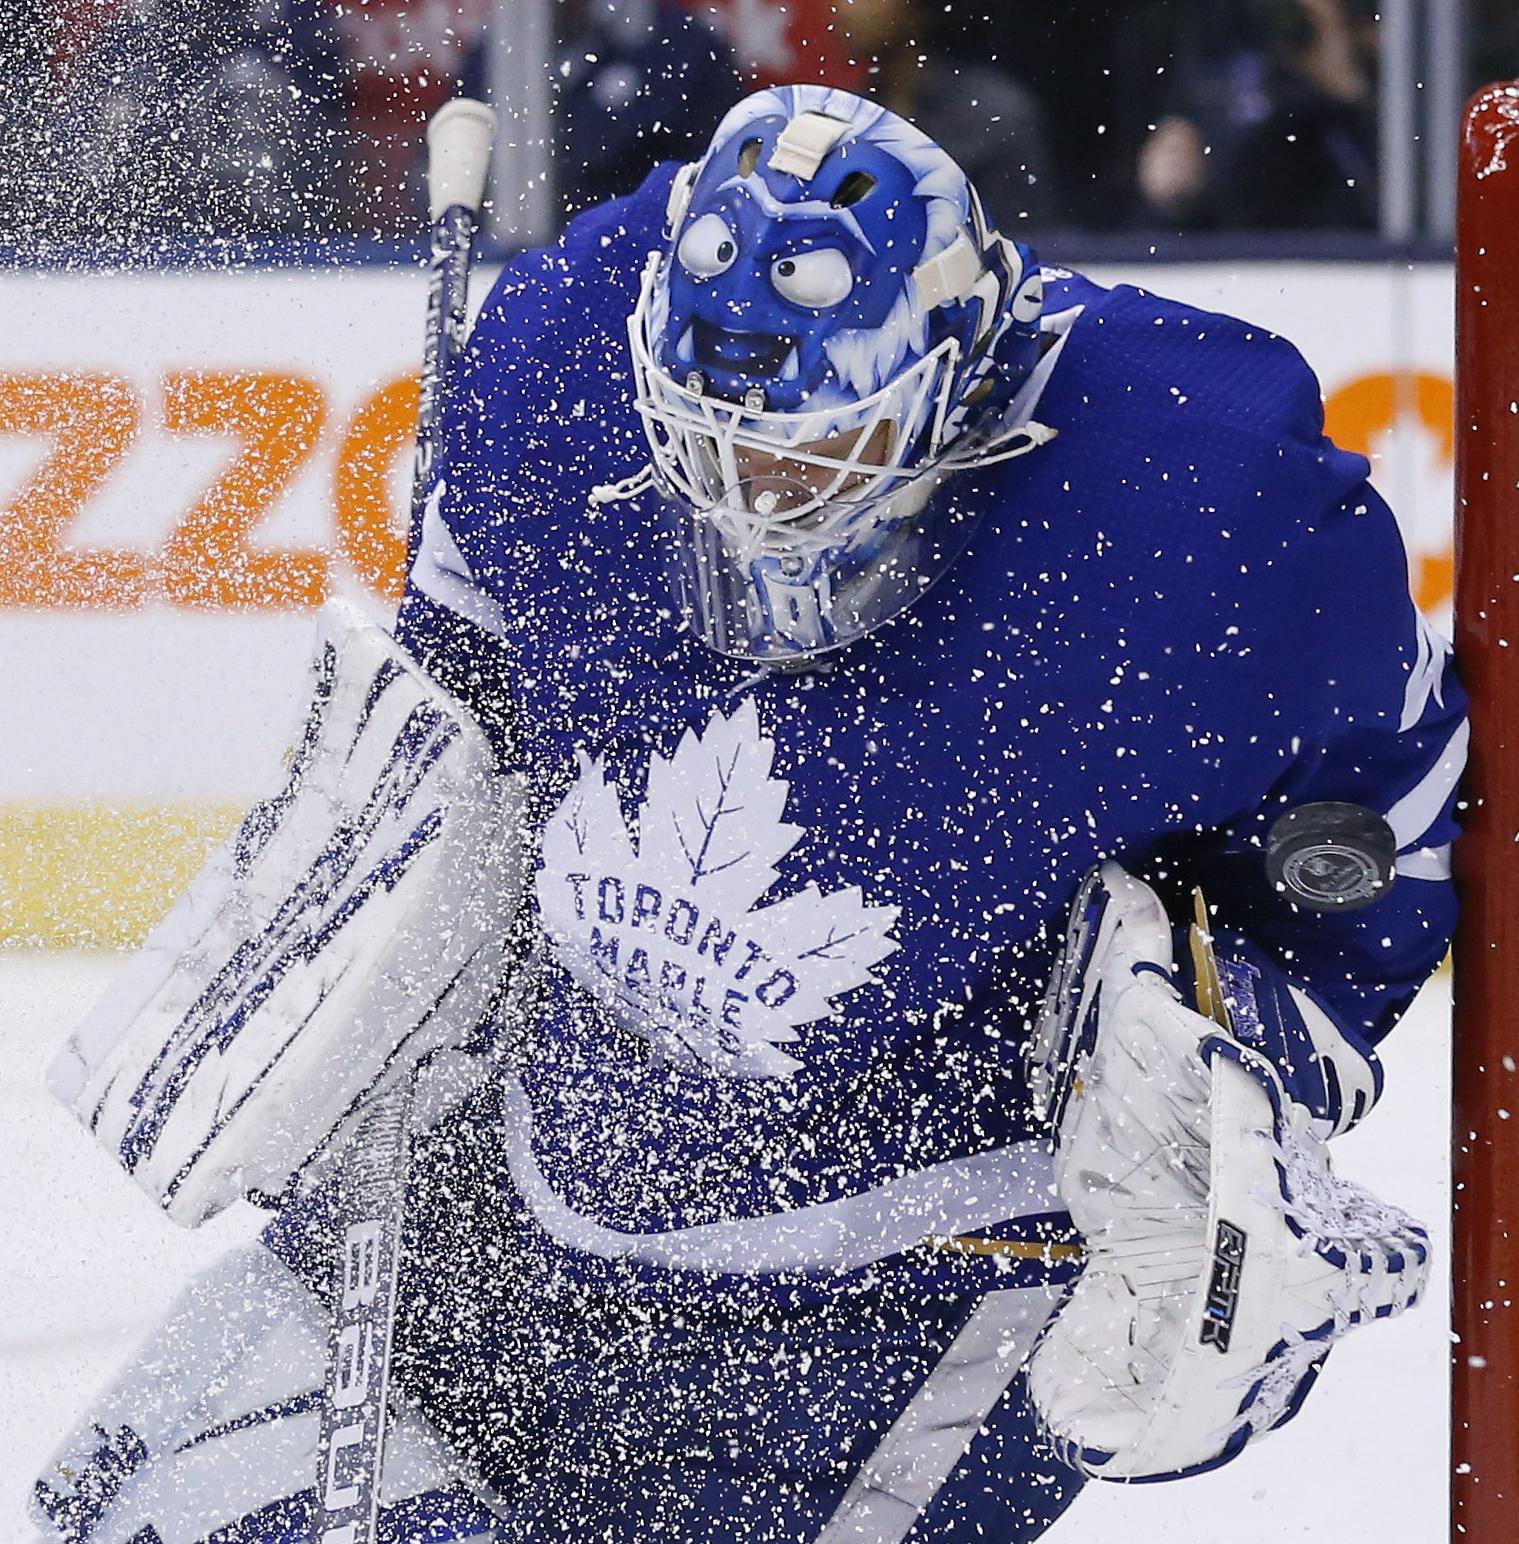 Toronto Maple Leafs goaltender Garret Sparks